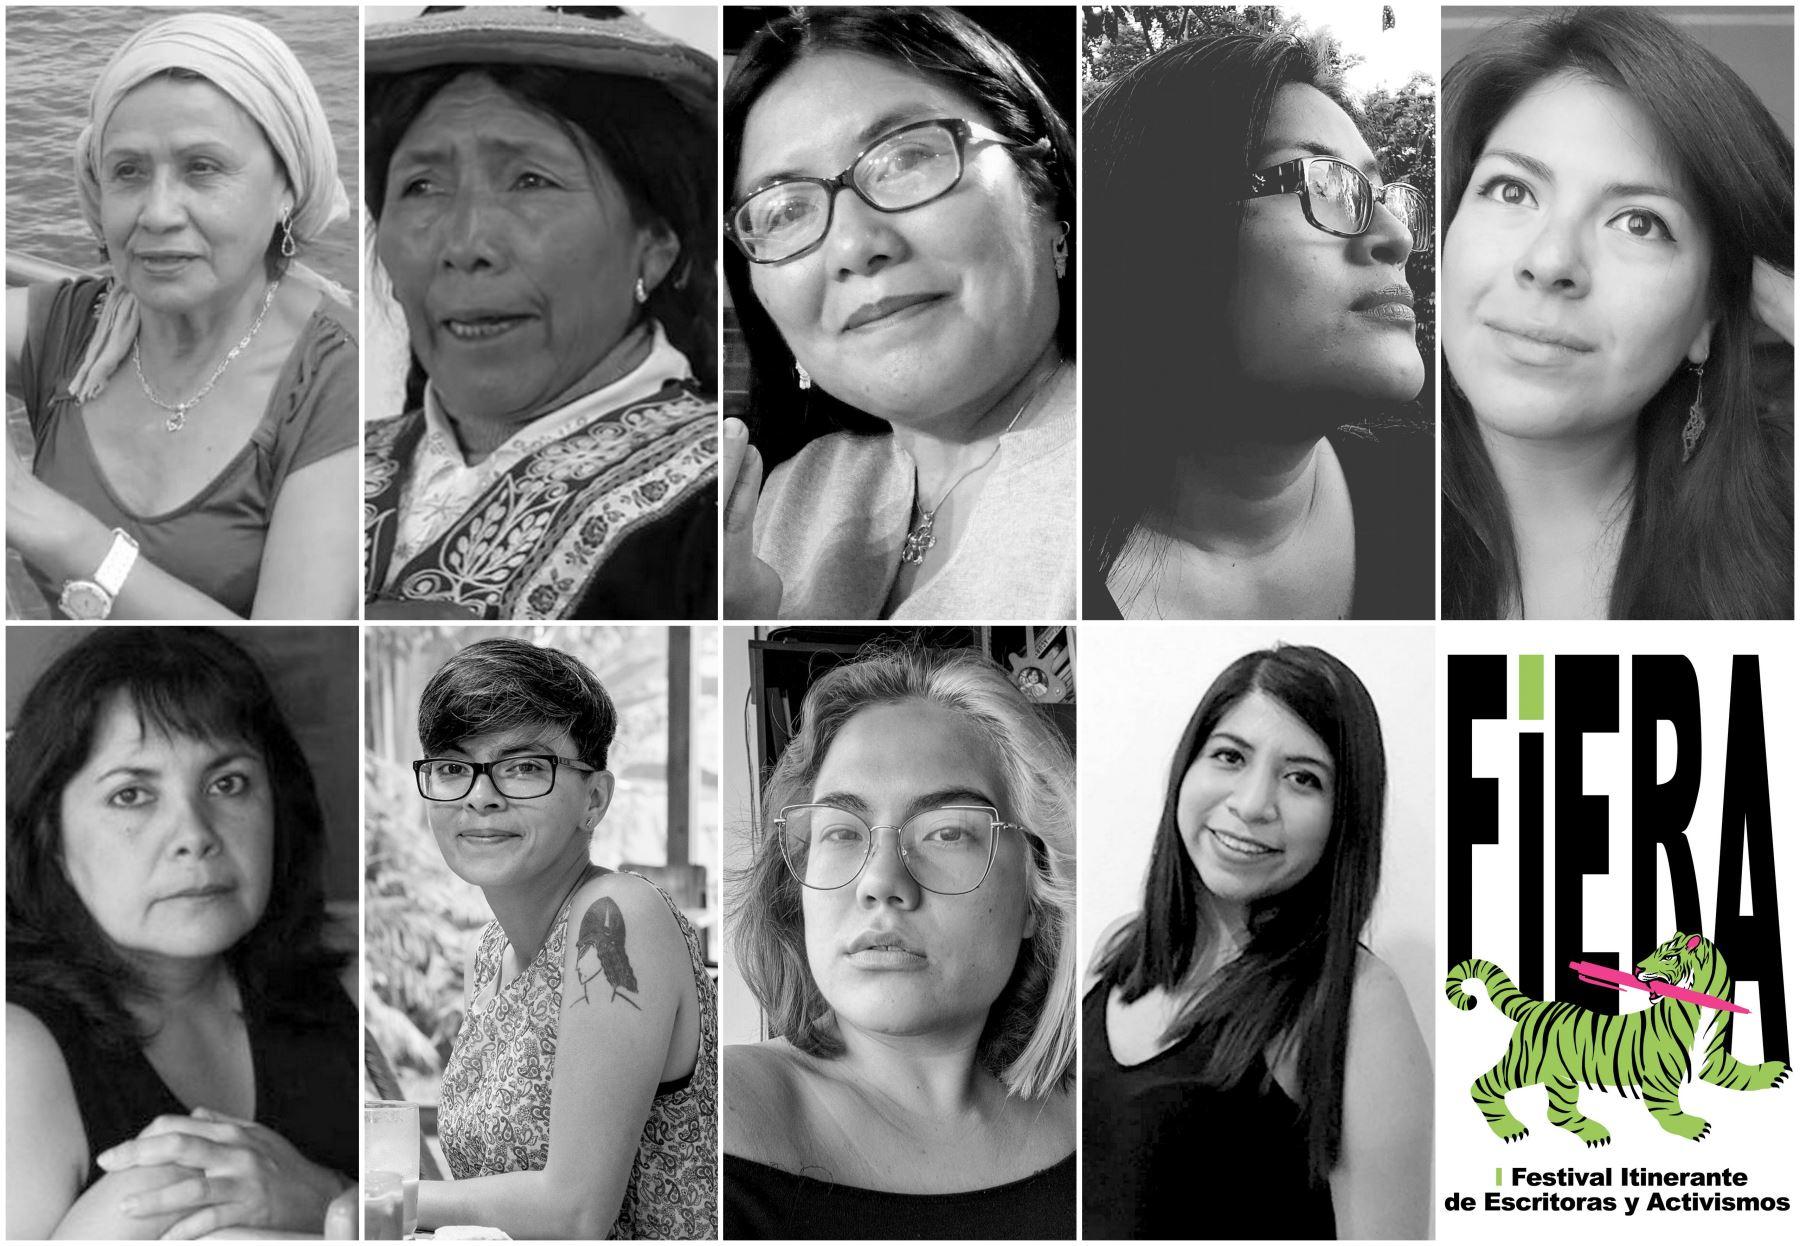 Festival Itinerante de Escritoras y Activismos se inicia virtualmente este sábado